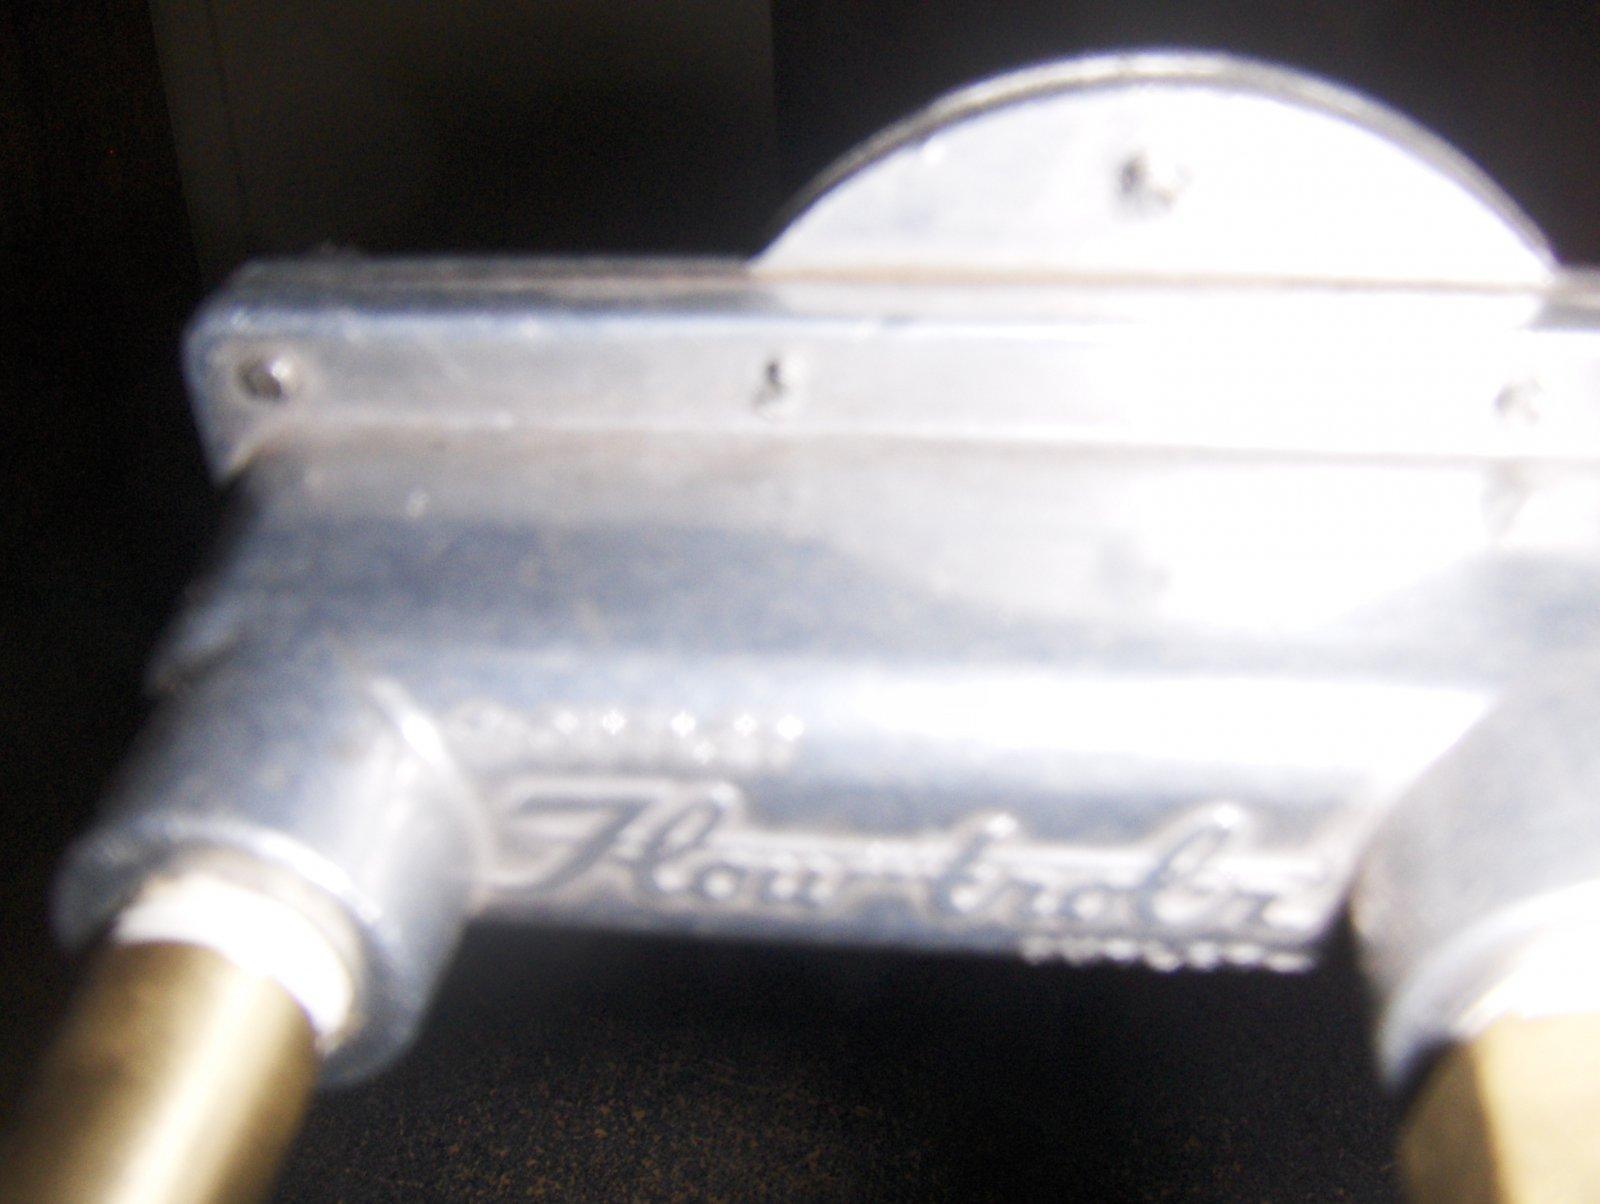 HPIM4471.JPG